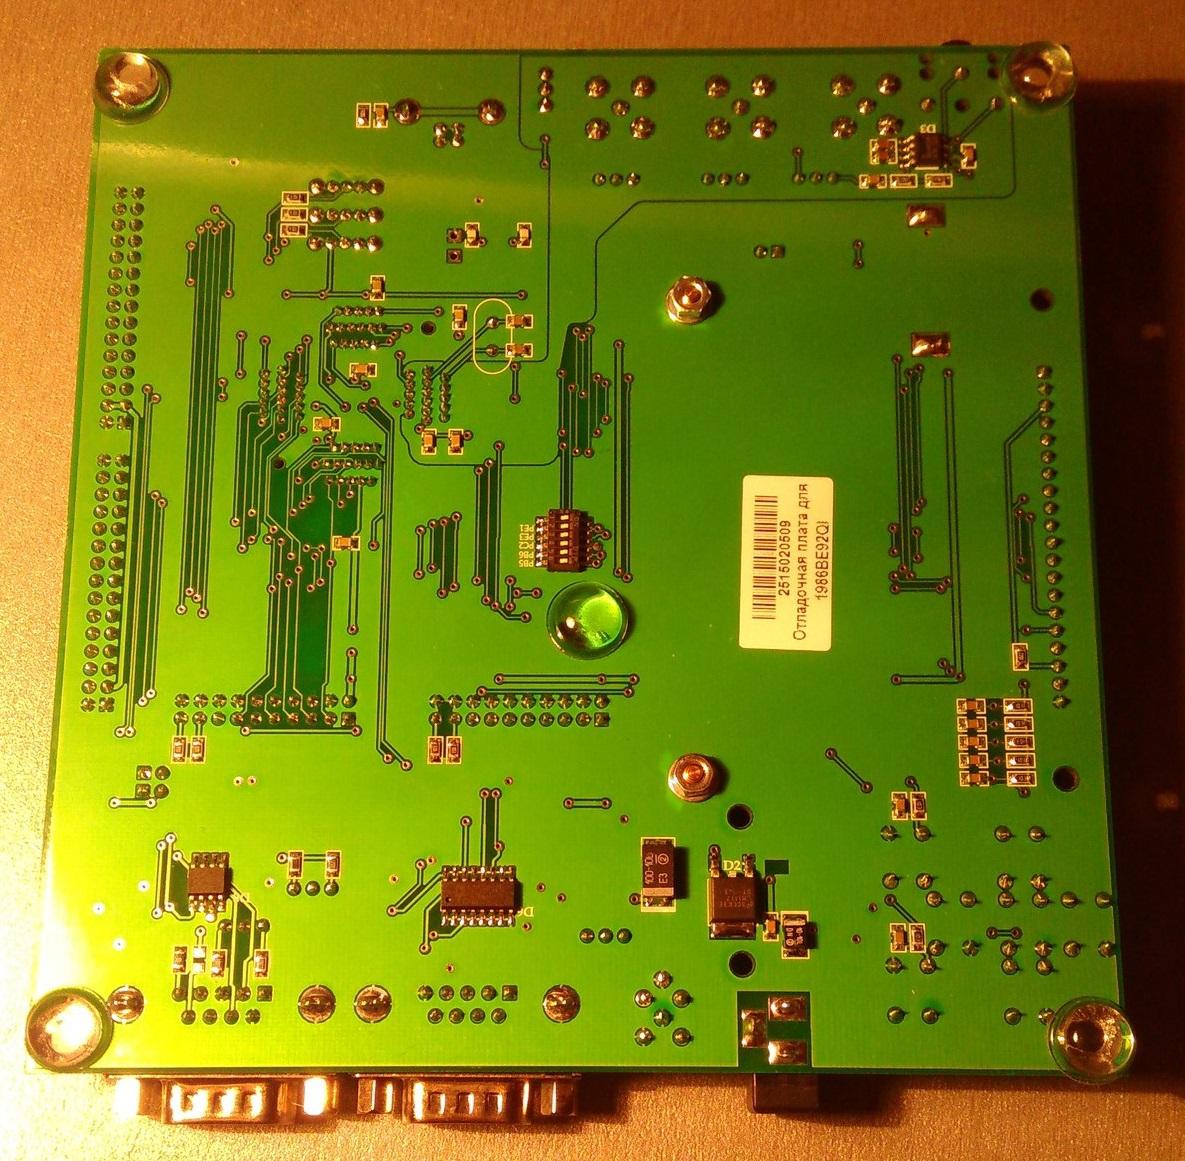 Переходим с STM32F103 на К1986ВЕ92QI. Или первое знакомство с российским микроконтроллером - 16